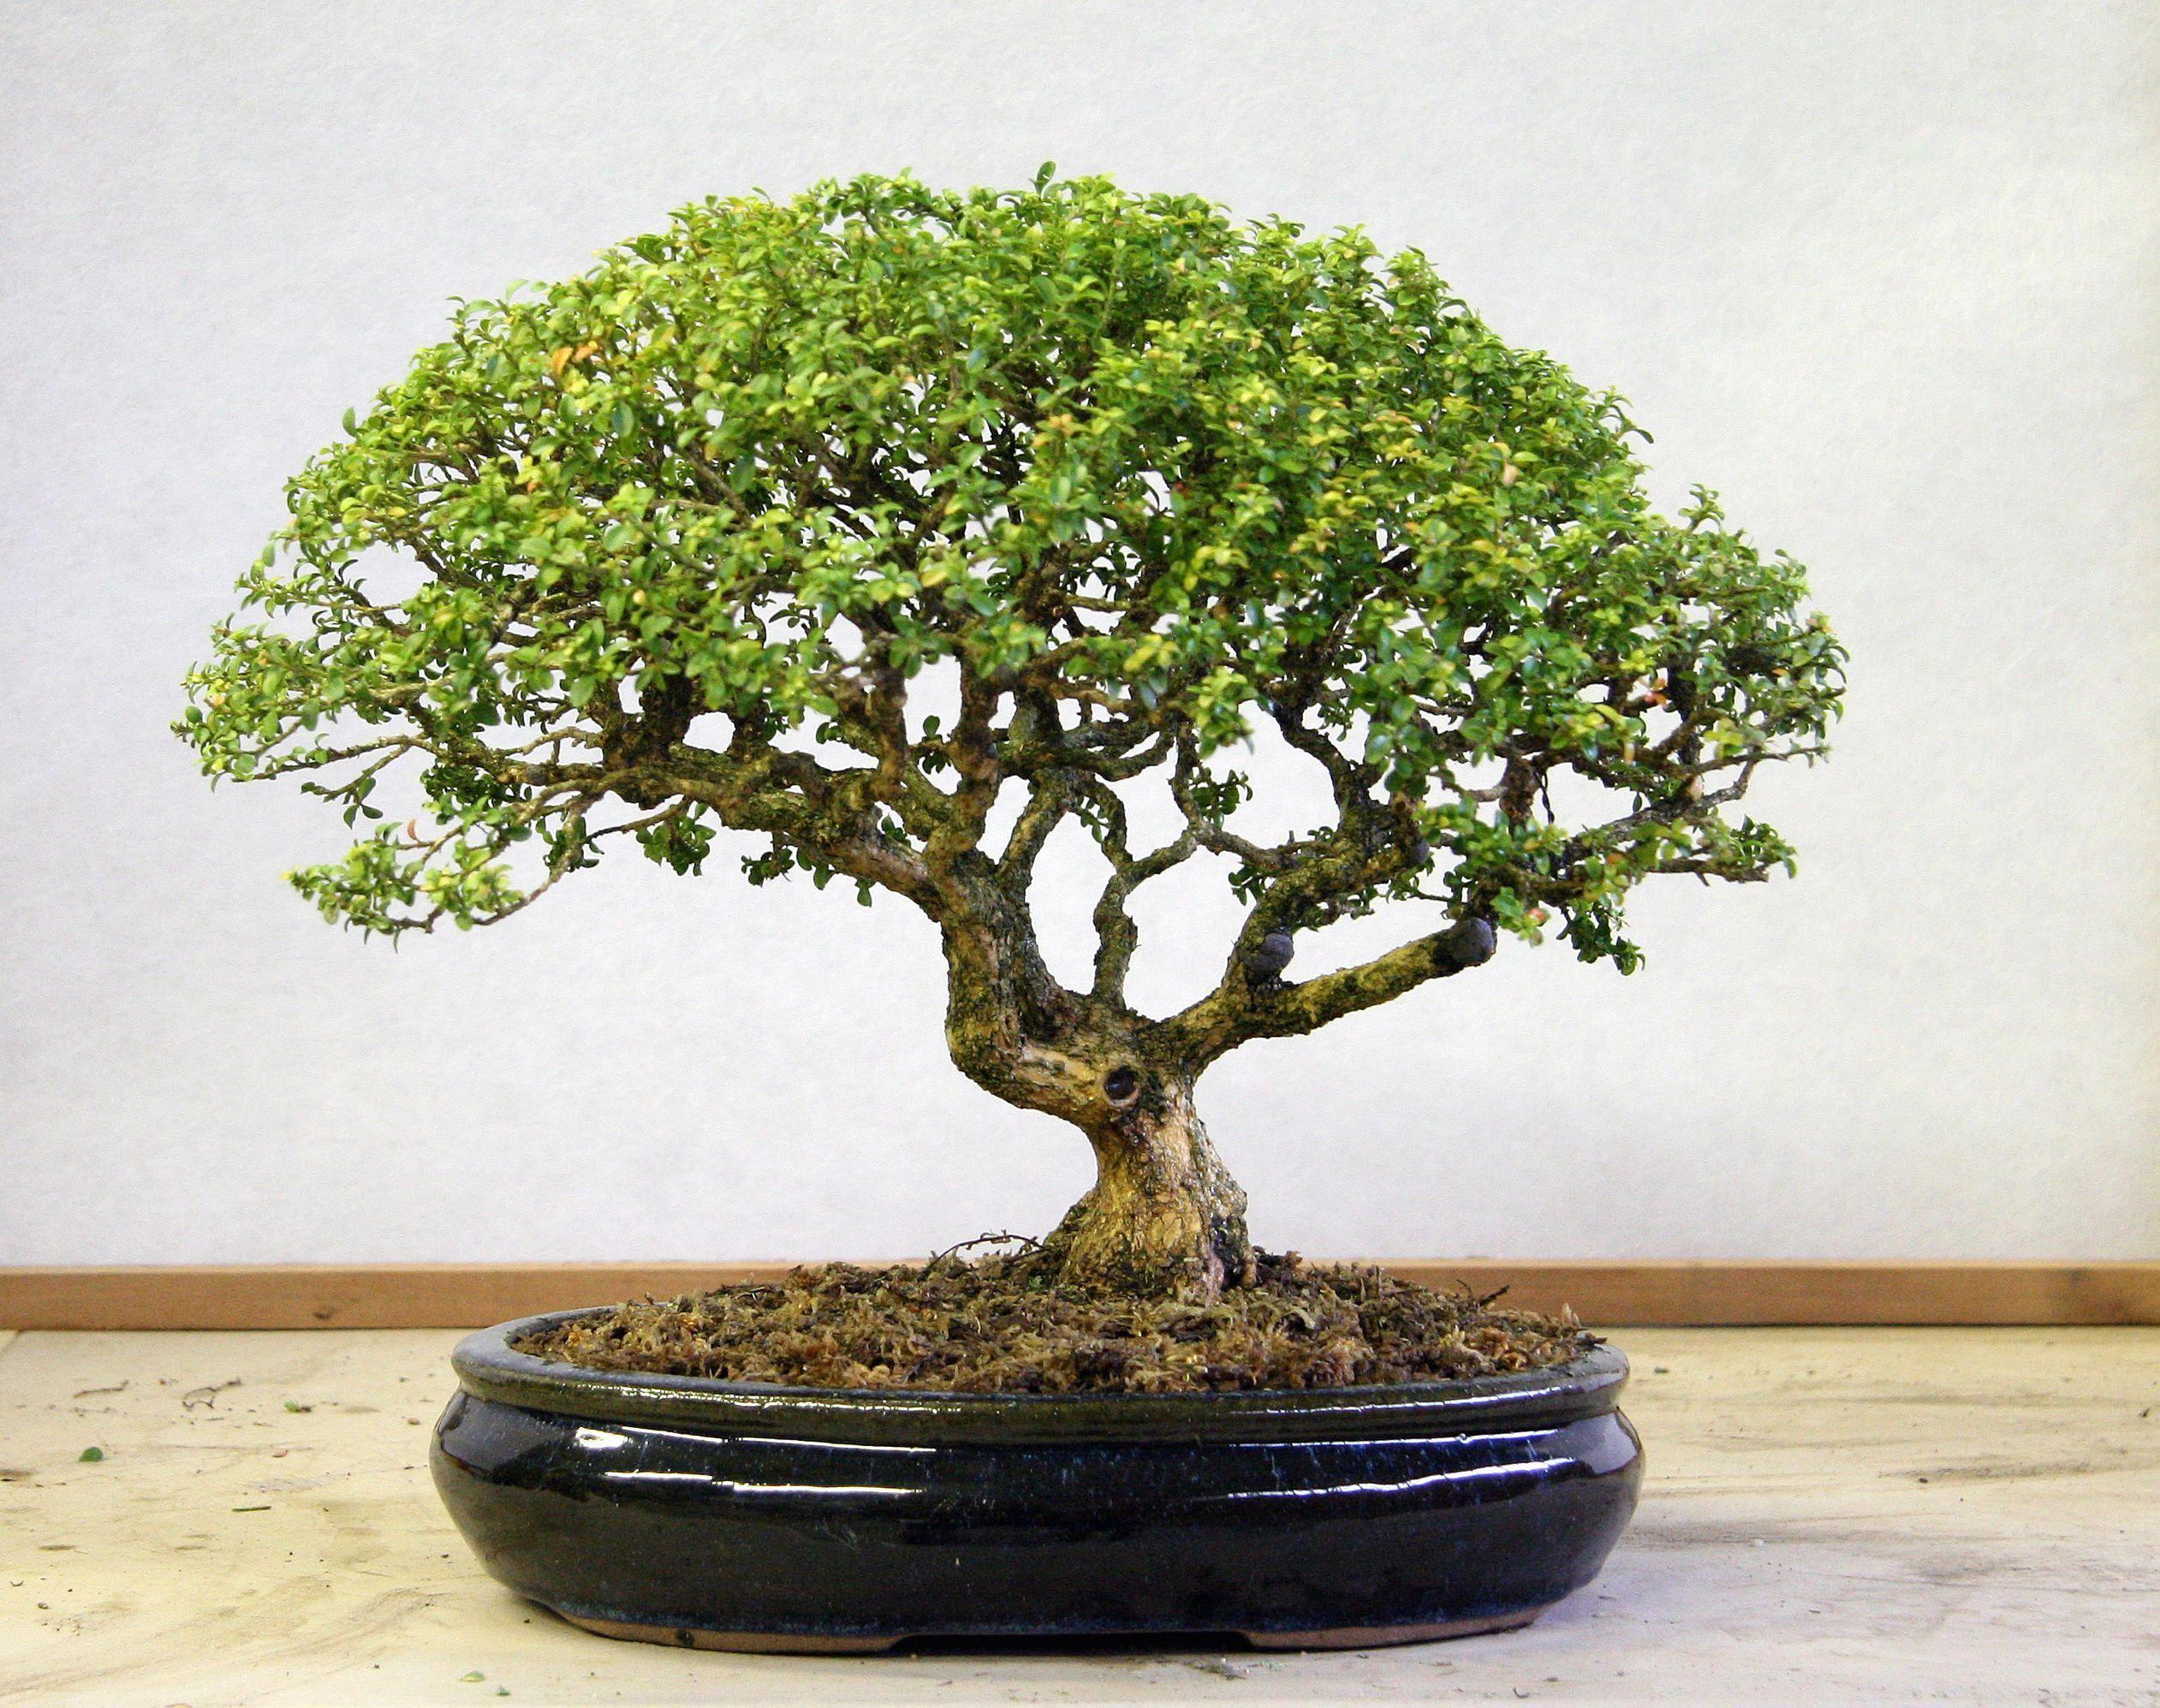 цветок семейное дерево картинки сопки открытая хорошо